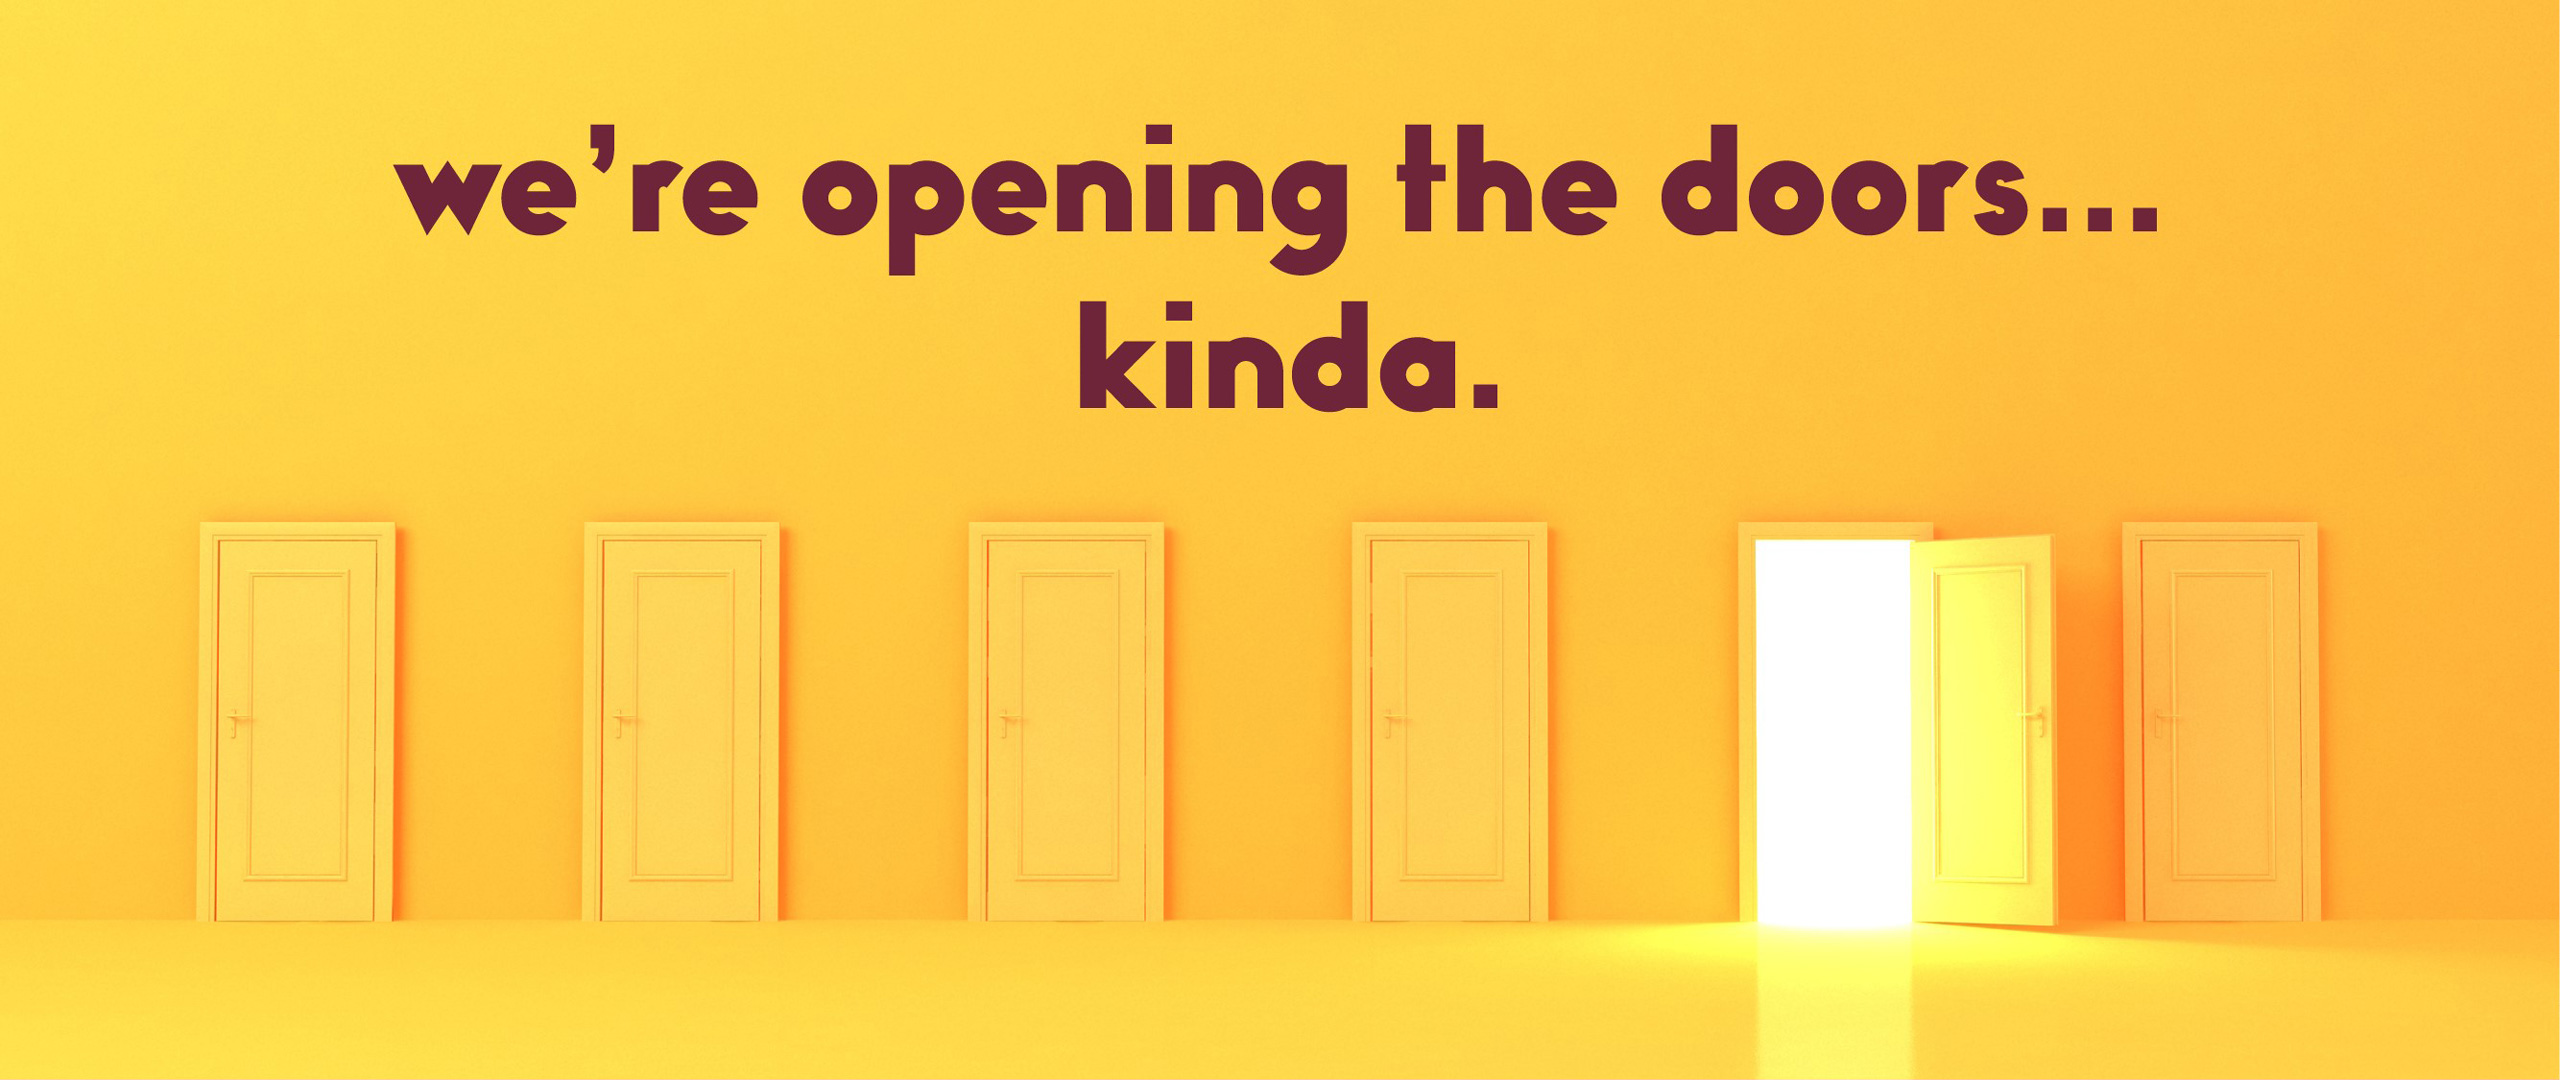 we're opening the doors... kinda.